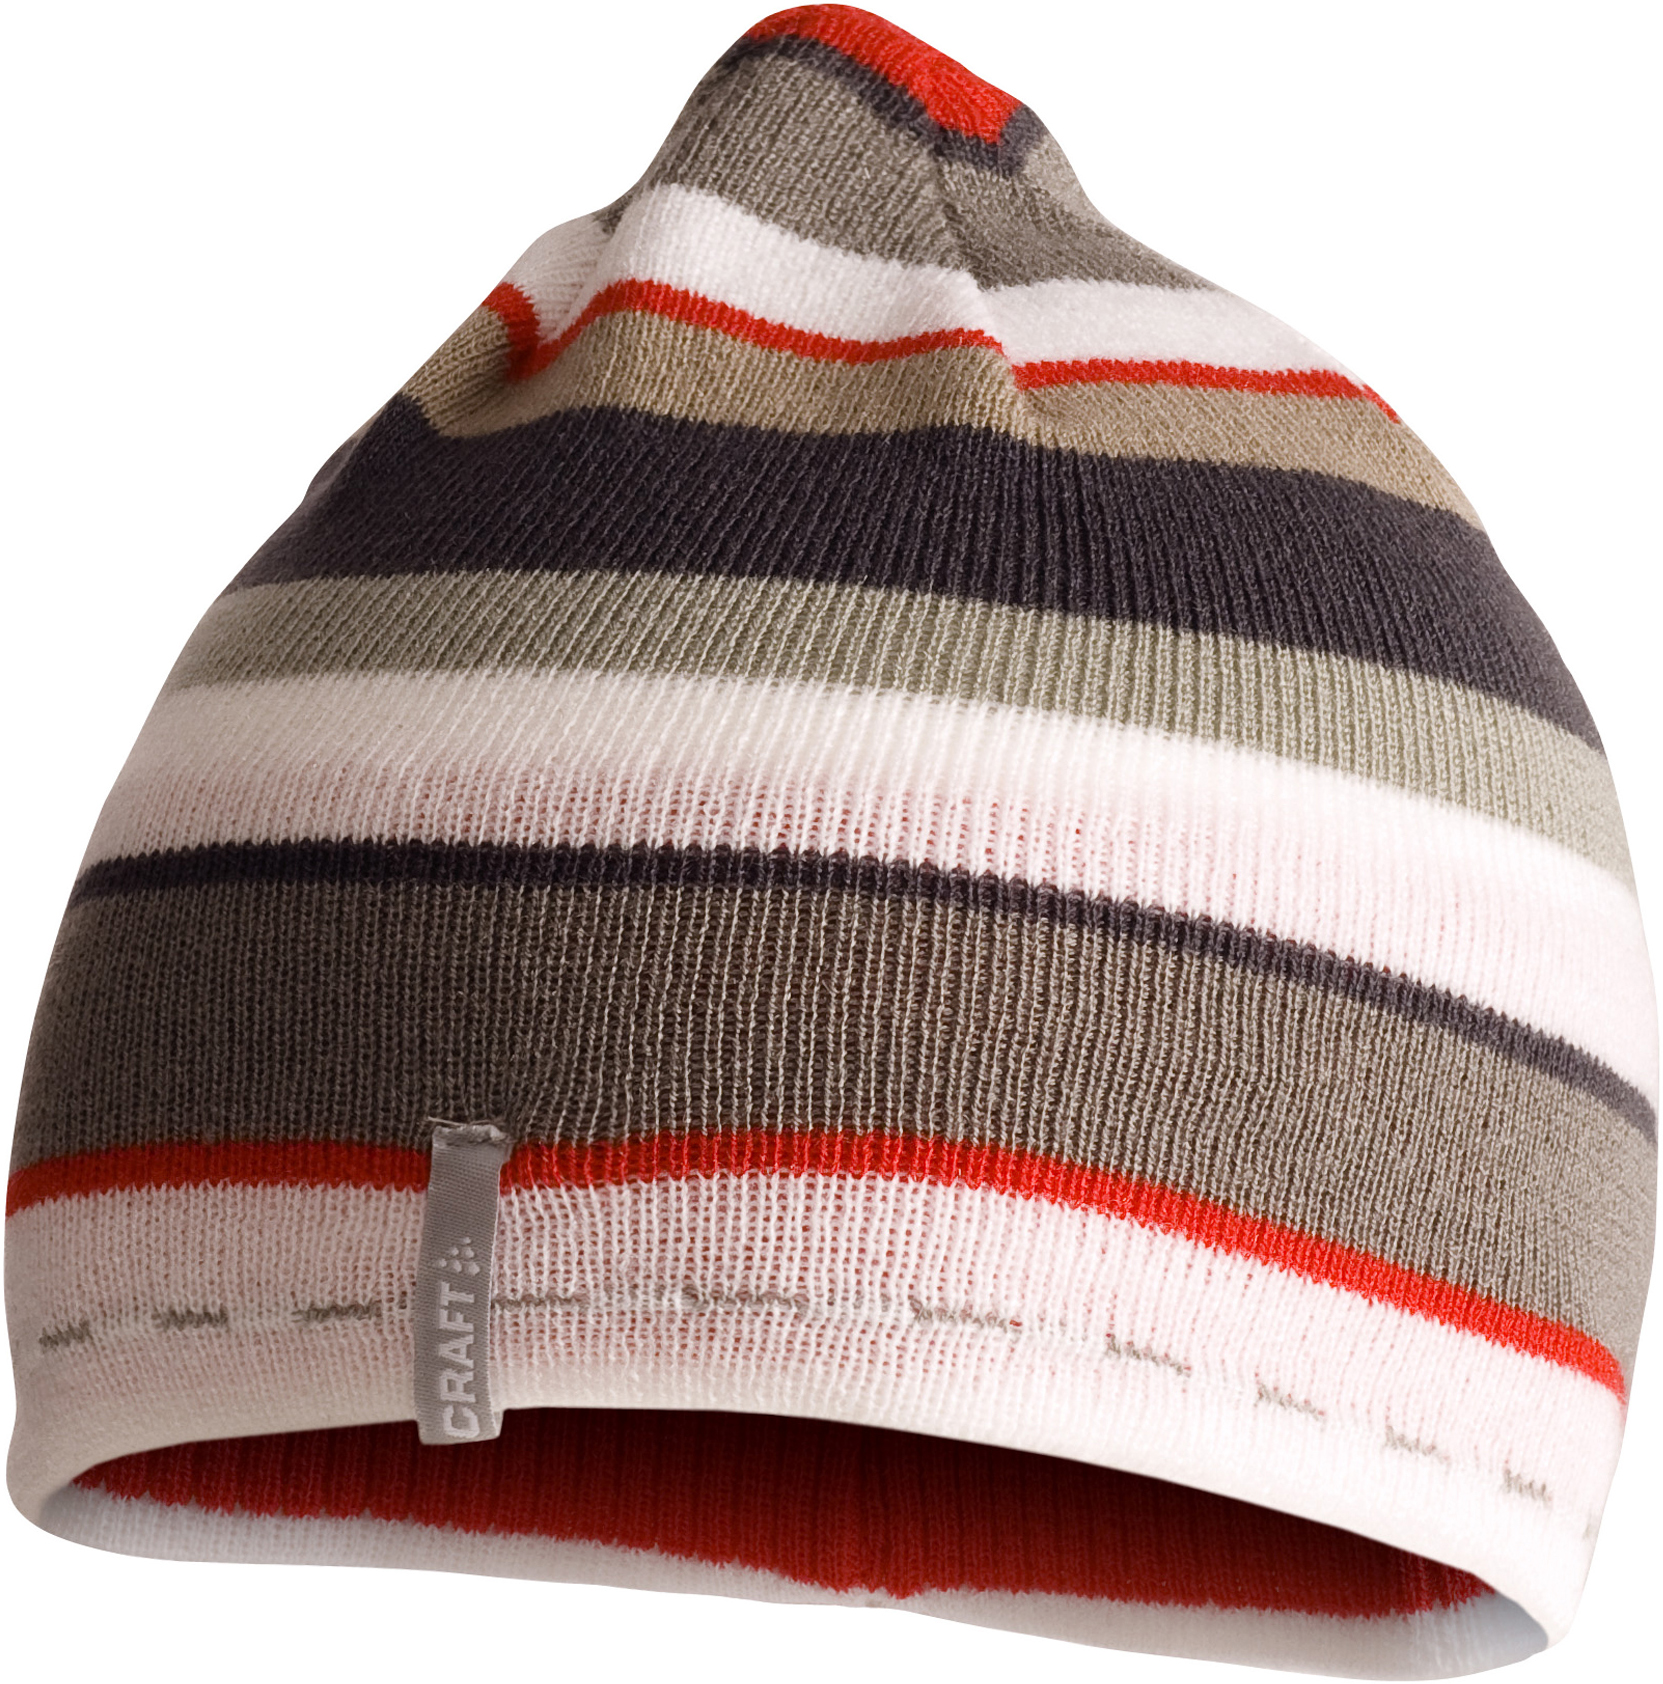 ...шапка шапочка спортивная форма CRAFT Крафт спортивная.